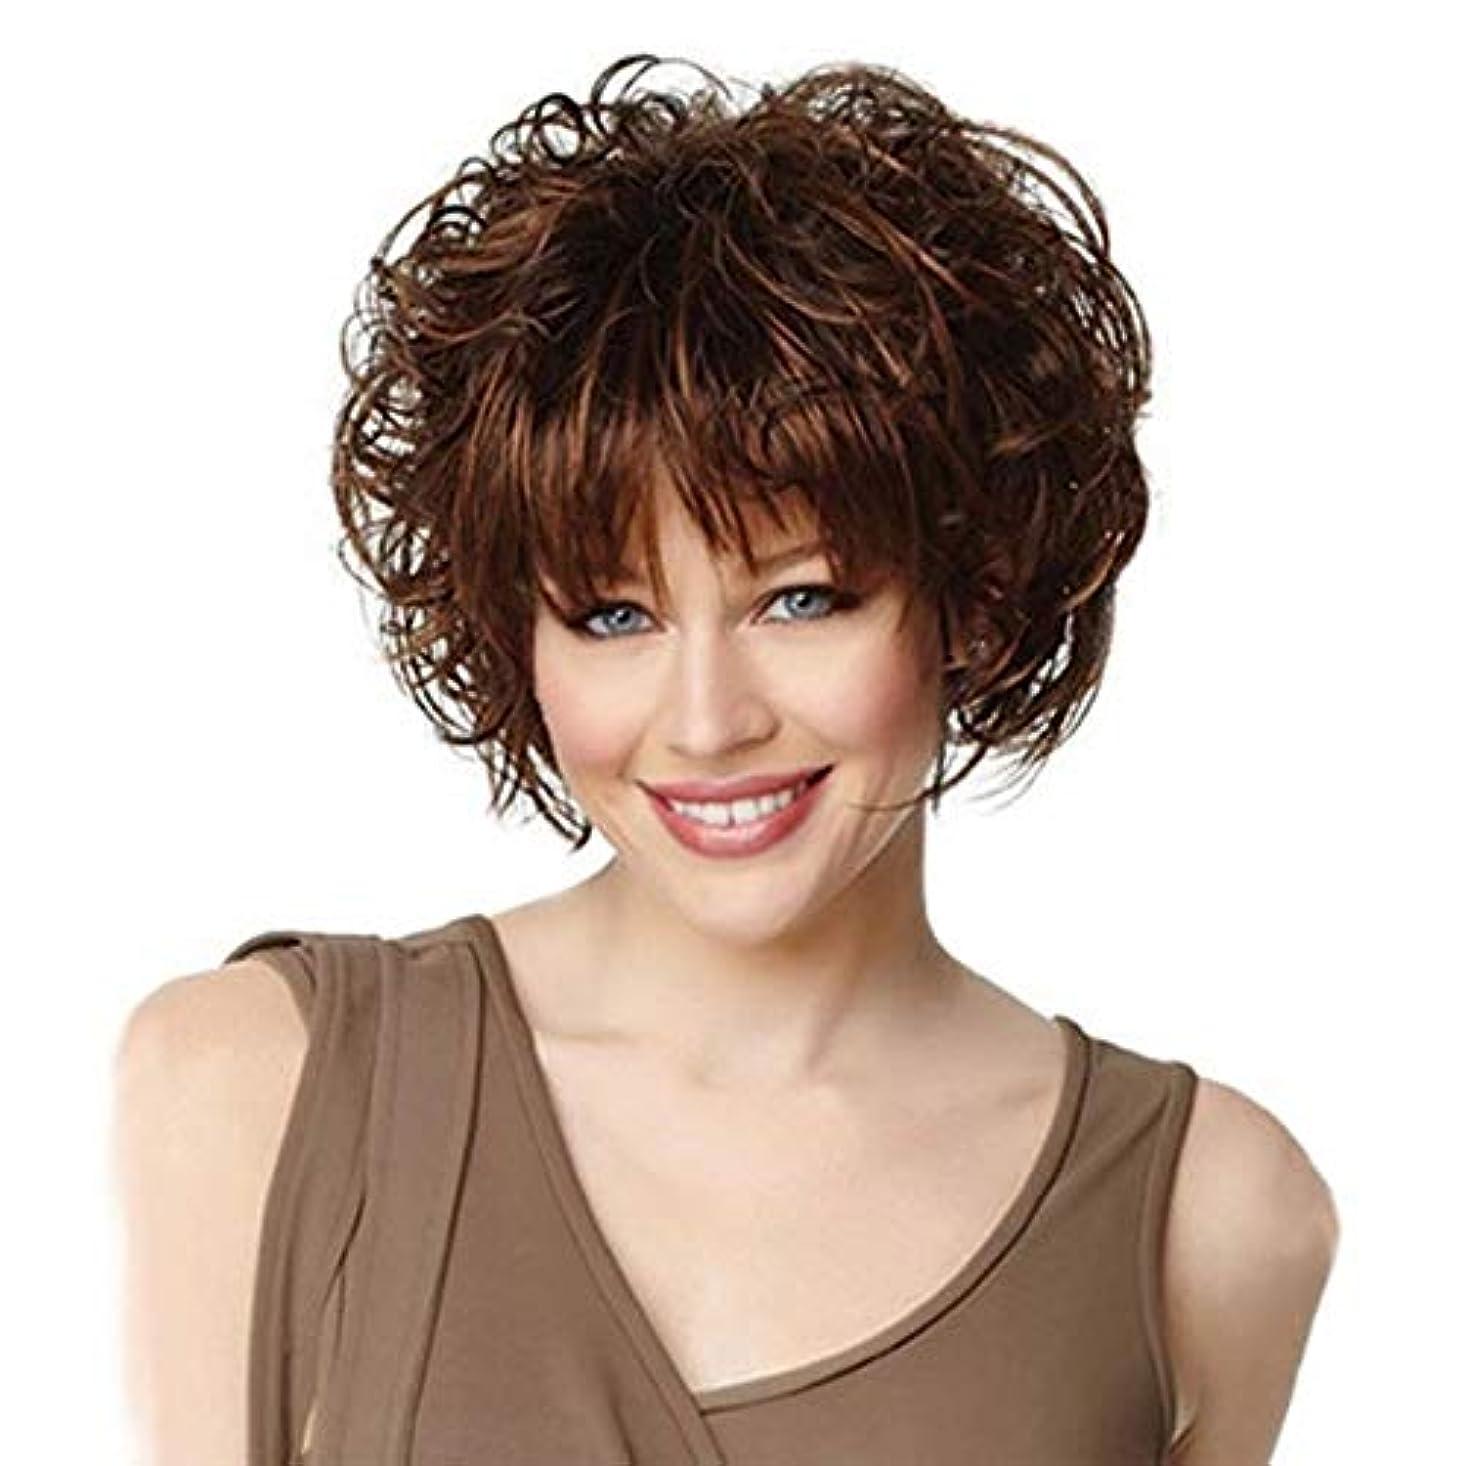 拷問背の高いアルバムYOUQIU ファッション、ボブスタイルの合成かつらチャーミングな女性のかつらをフルキャップウィッグショートカーリー茶ウィッグ (色 : ブラウン)